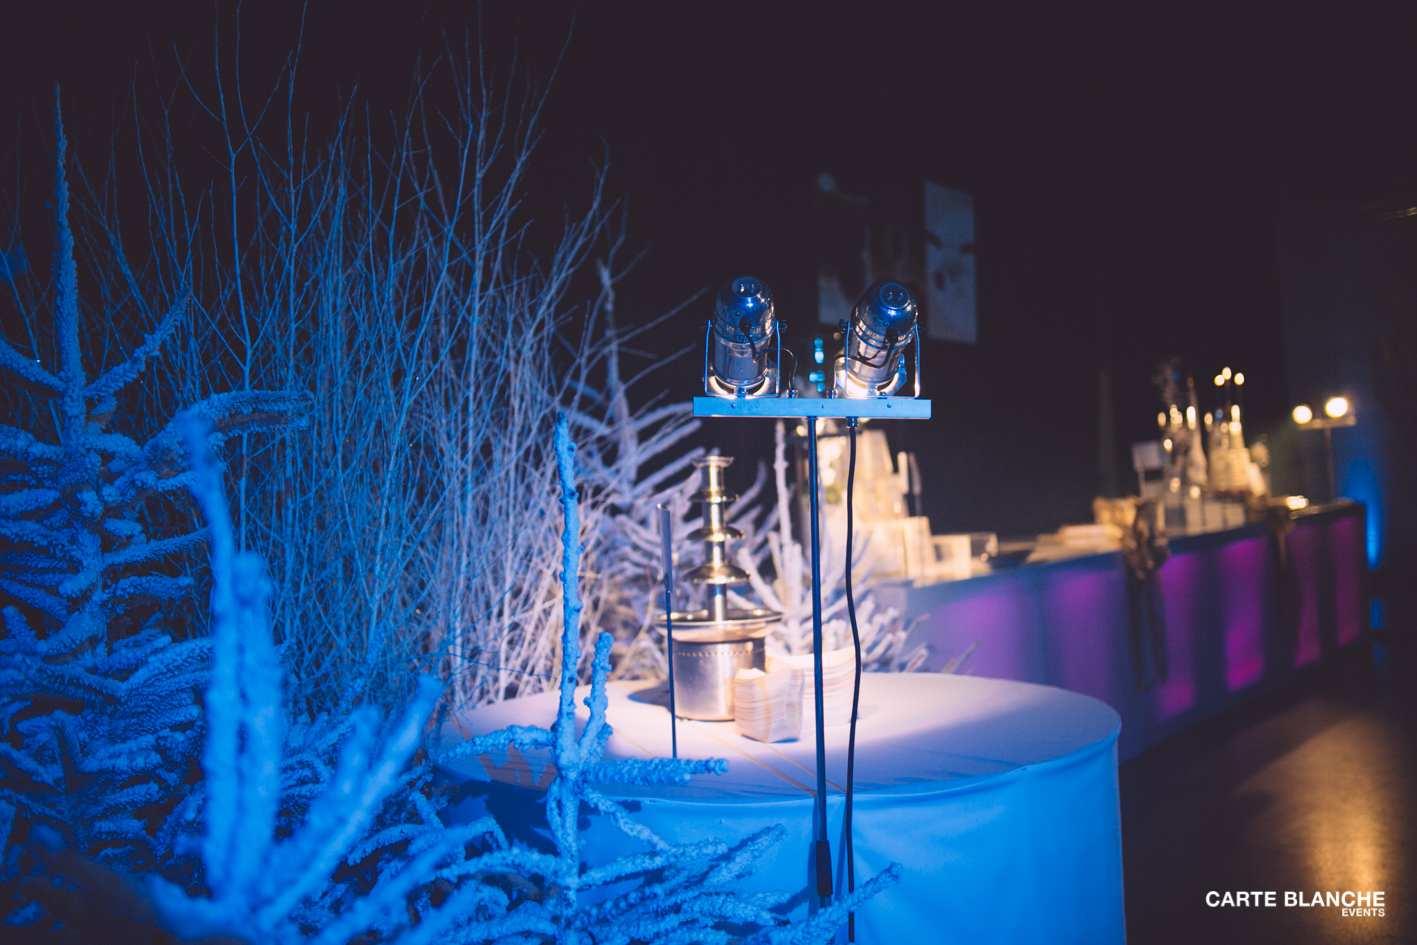 xmas-party-ferrero-2013-décoration-givrée-noël-projet